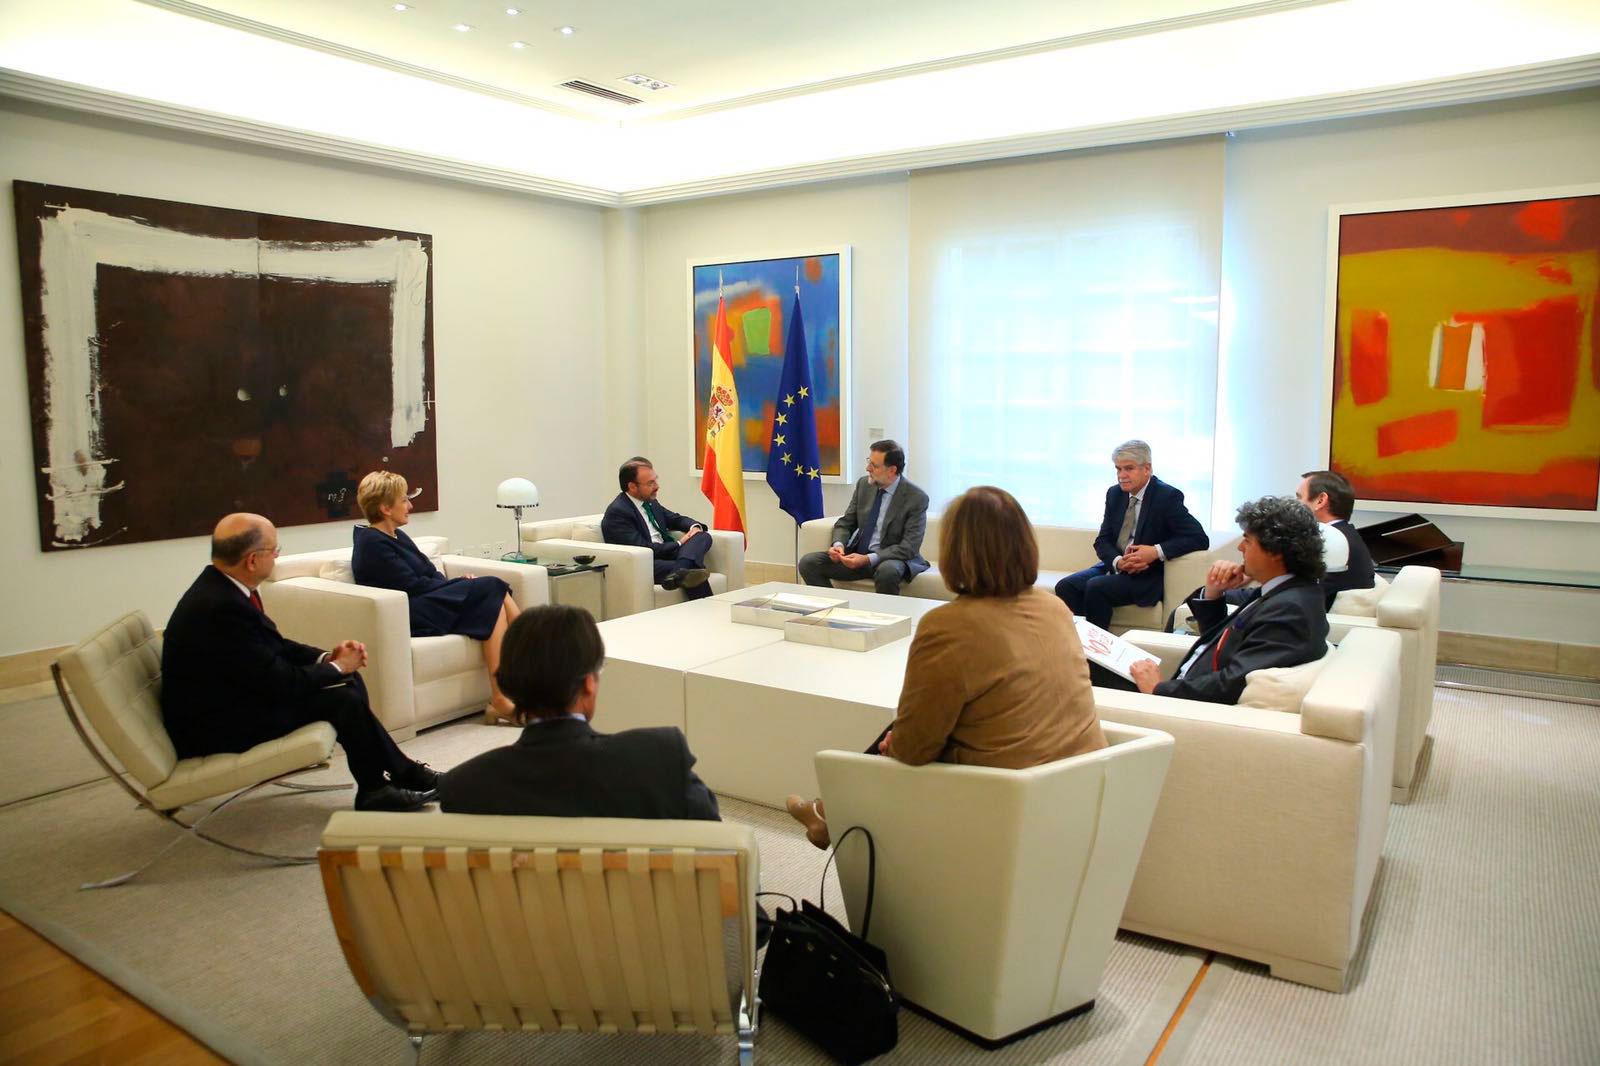 El secretario de Relaciones Exteriores de México, Luis Videgaray Caso, se reunió con el presidente del gobierno español, Mariano Rajoy